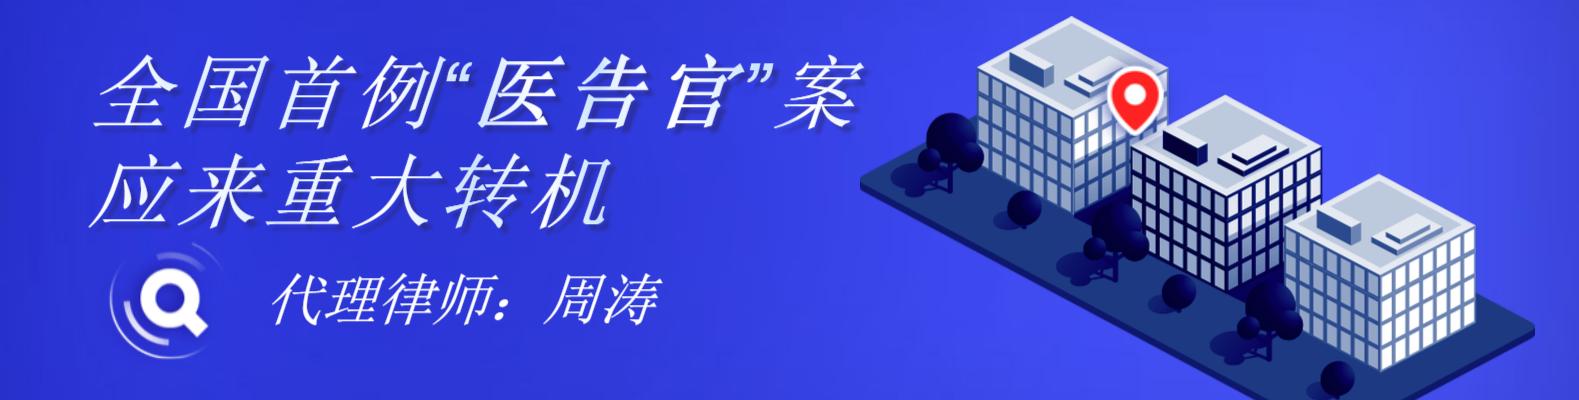 医告官周涛律师